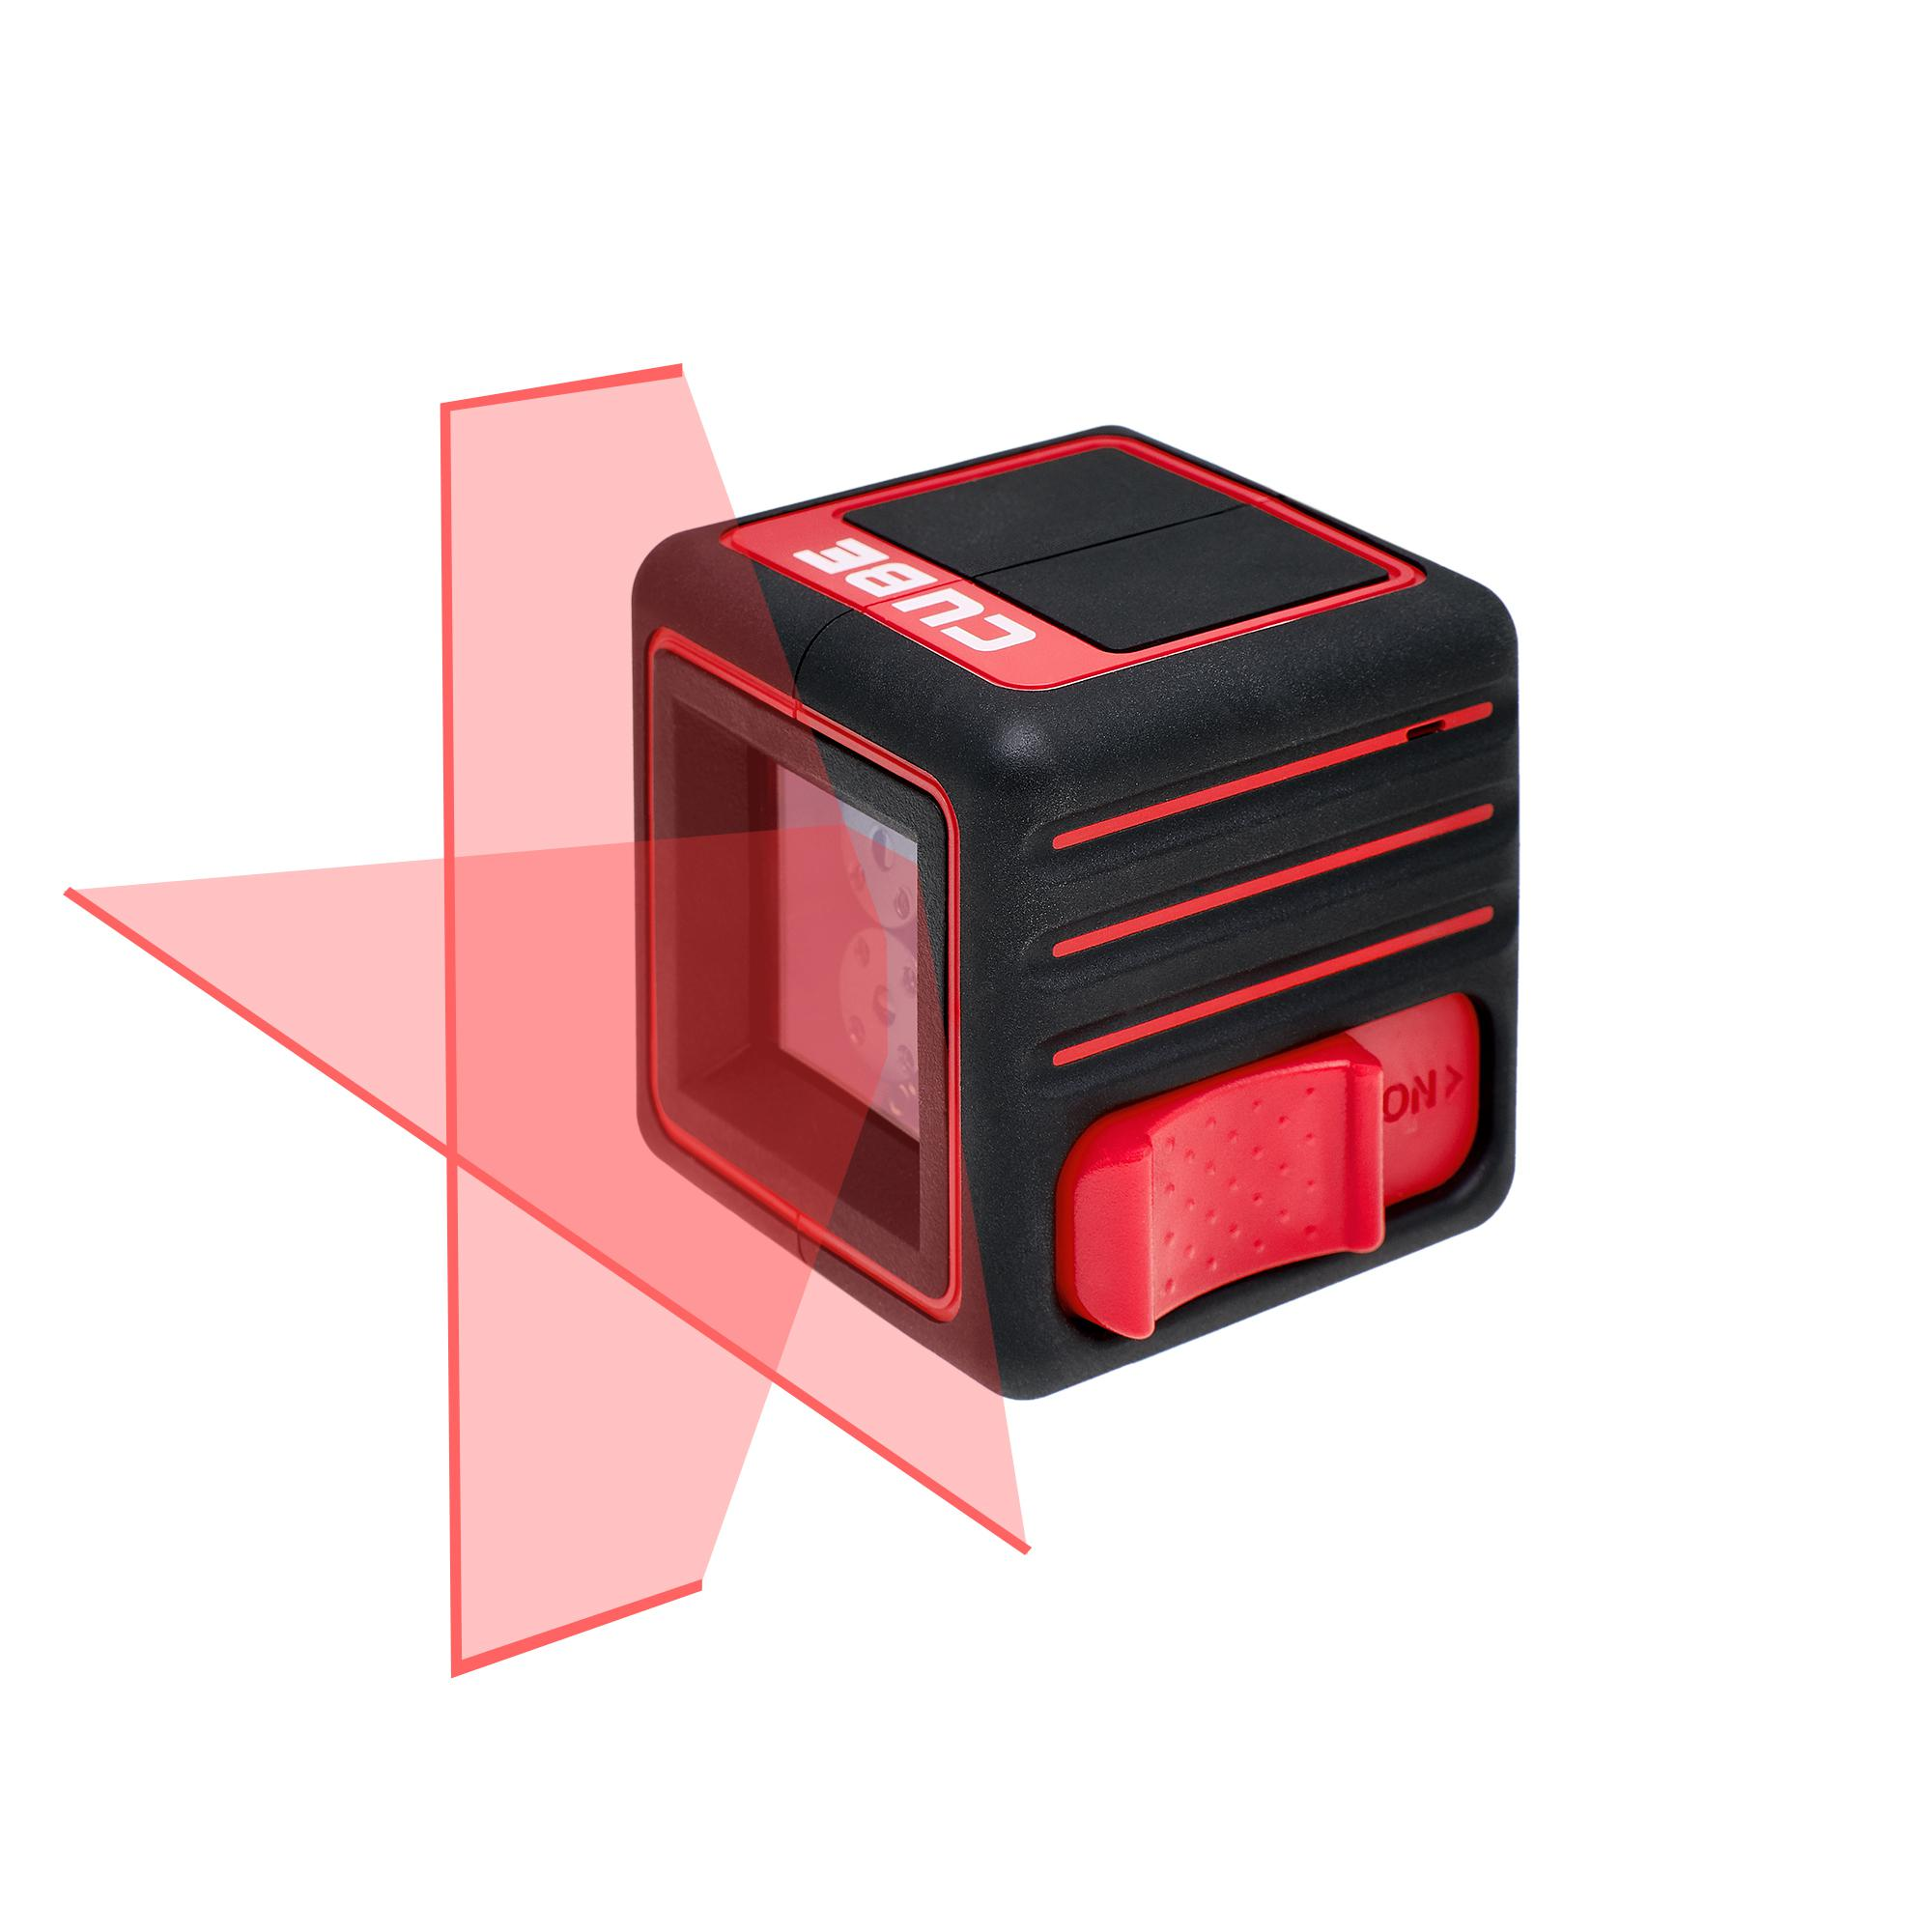 Фото 1/2 Cube basic edition, Уровень